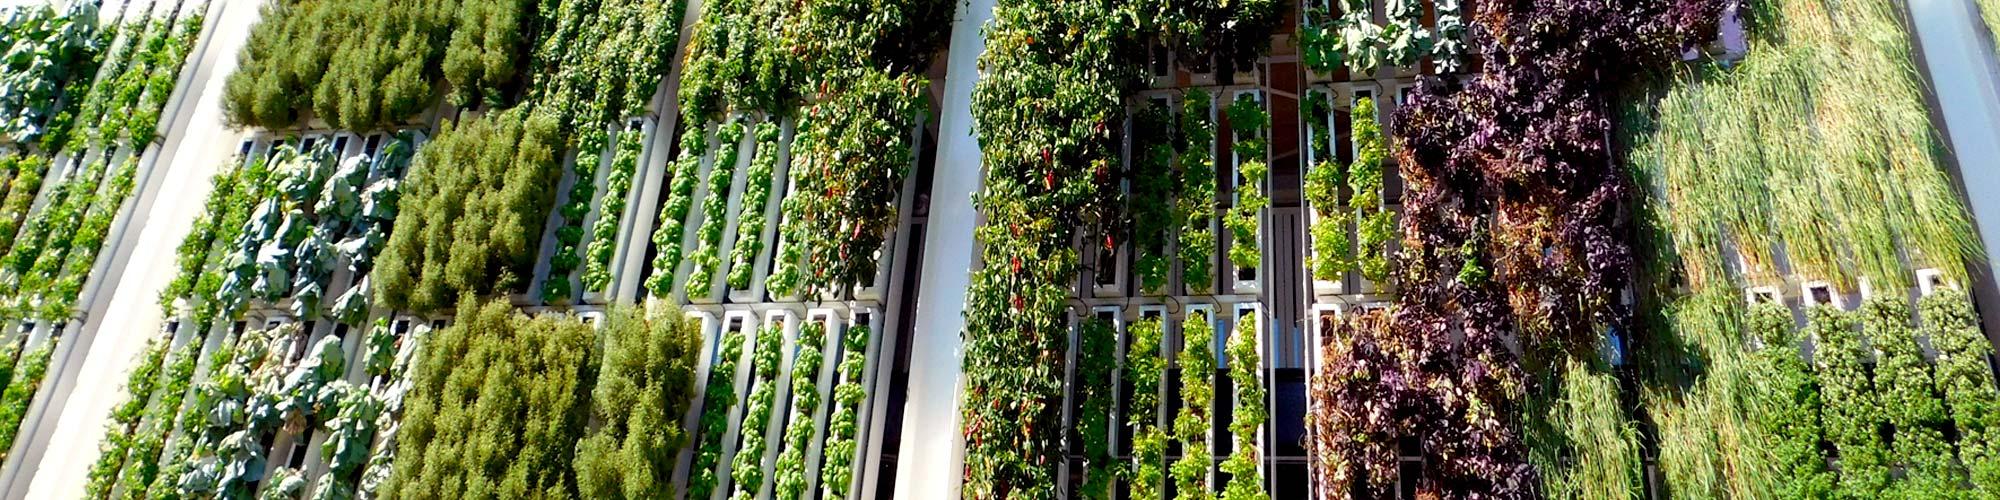 <p>Notre raison d'être : l'harmonie entre l'Homme, l'eau et les plantes.</p>